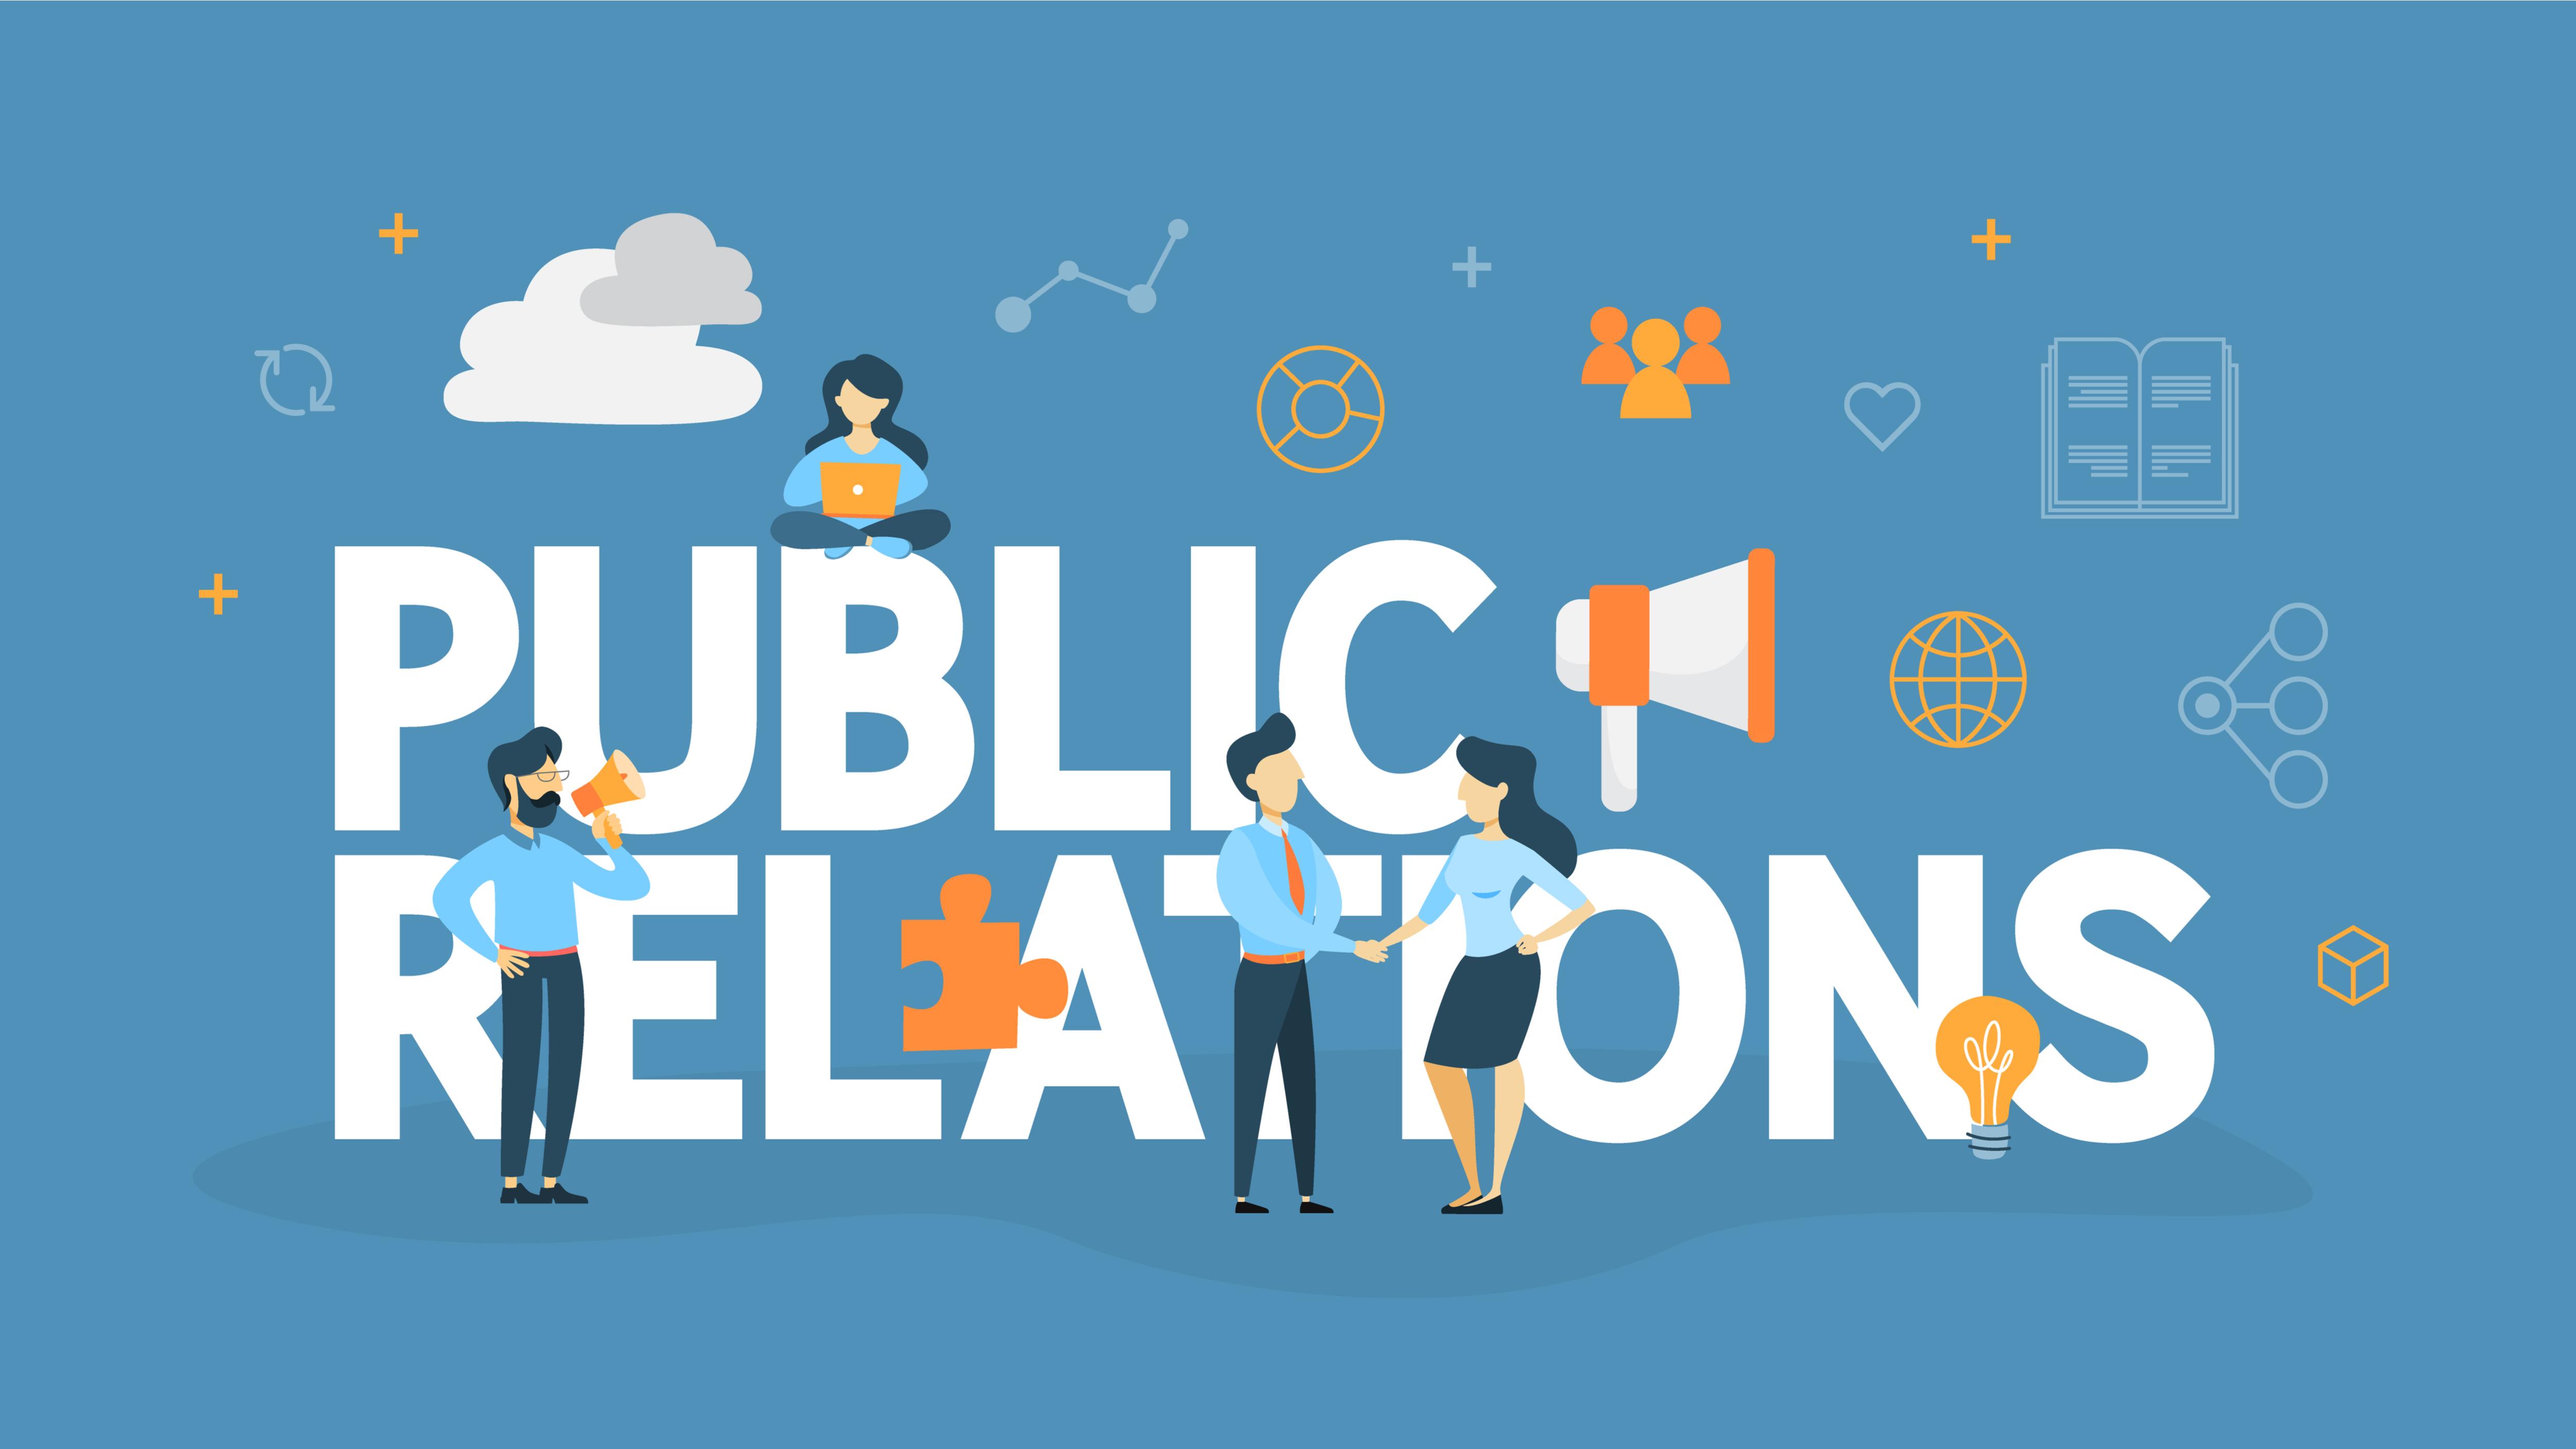 社内外の広報活動およびデジタルマーケティングの活用事例